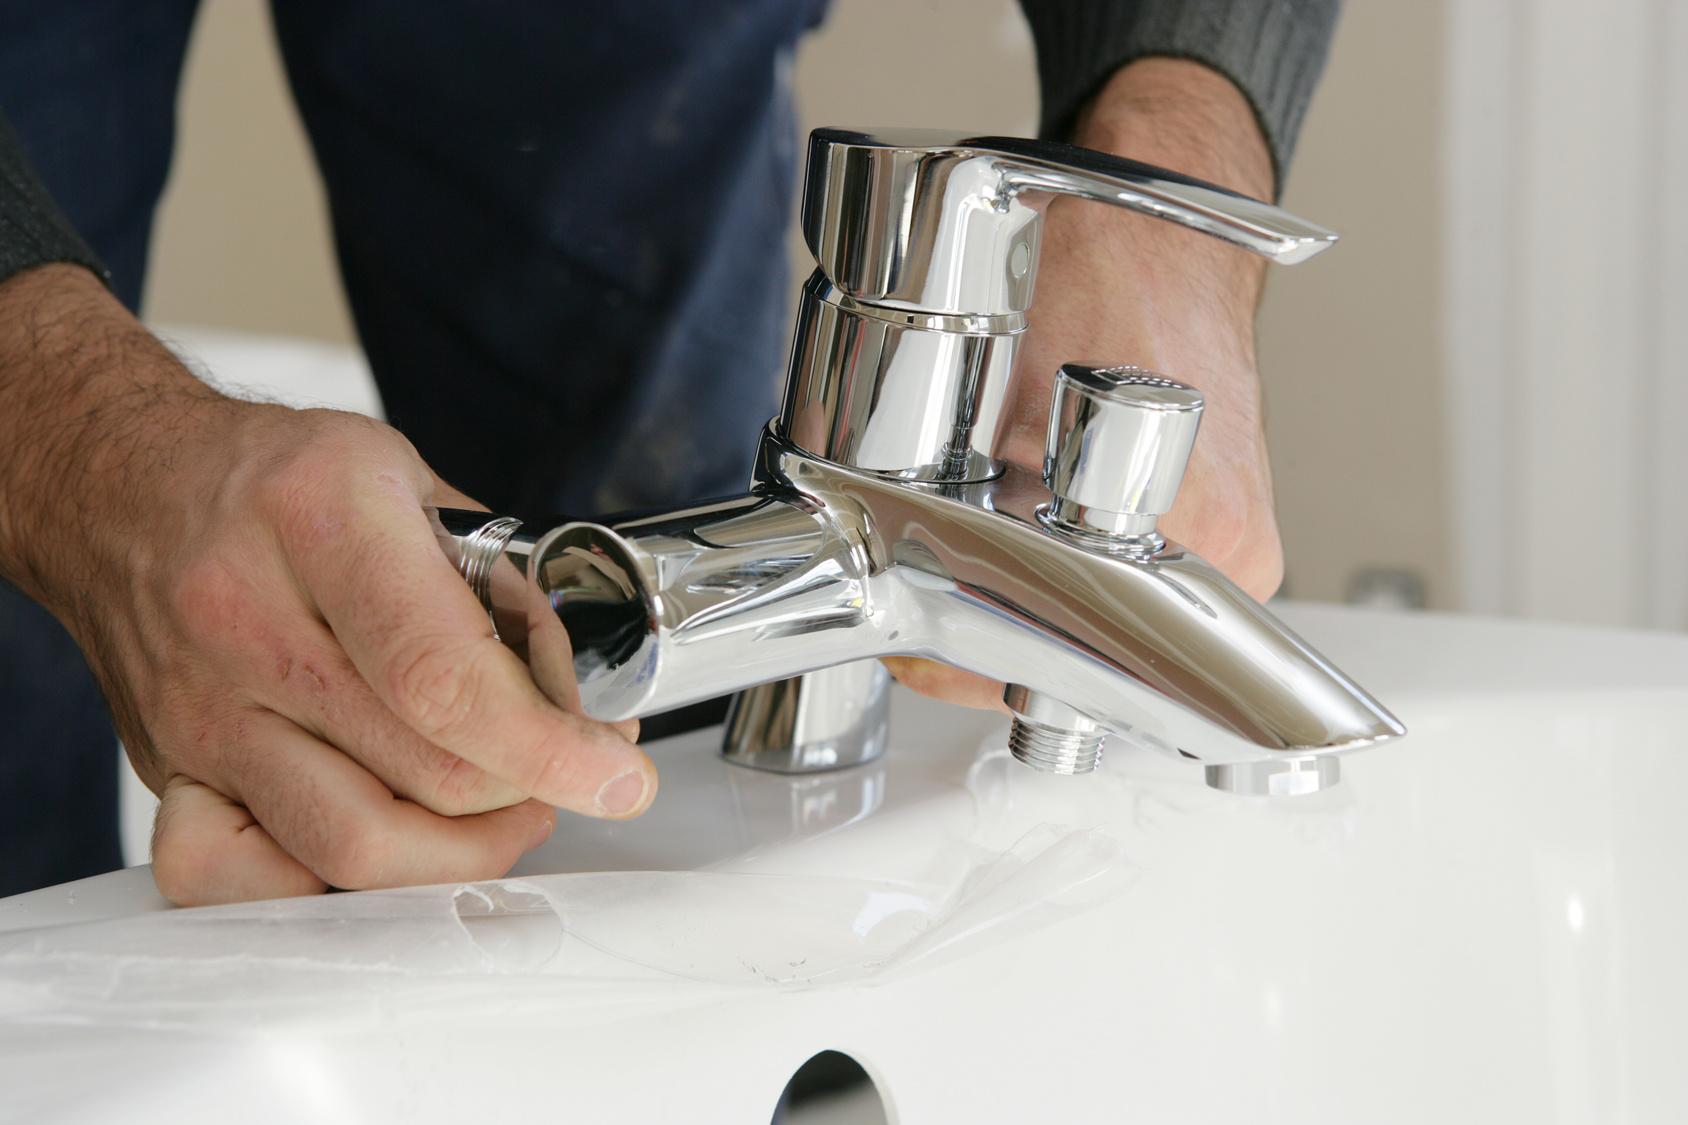 Comment installer un robinet exterieur sans soudure